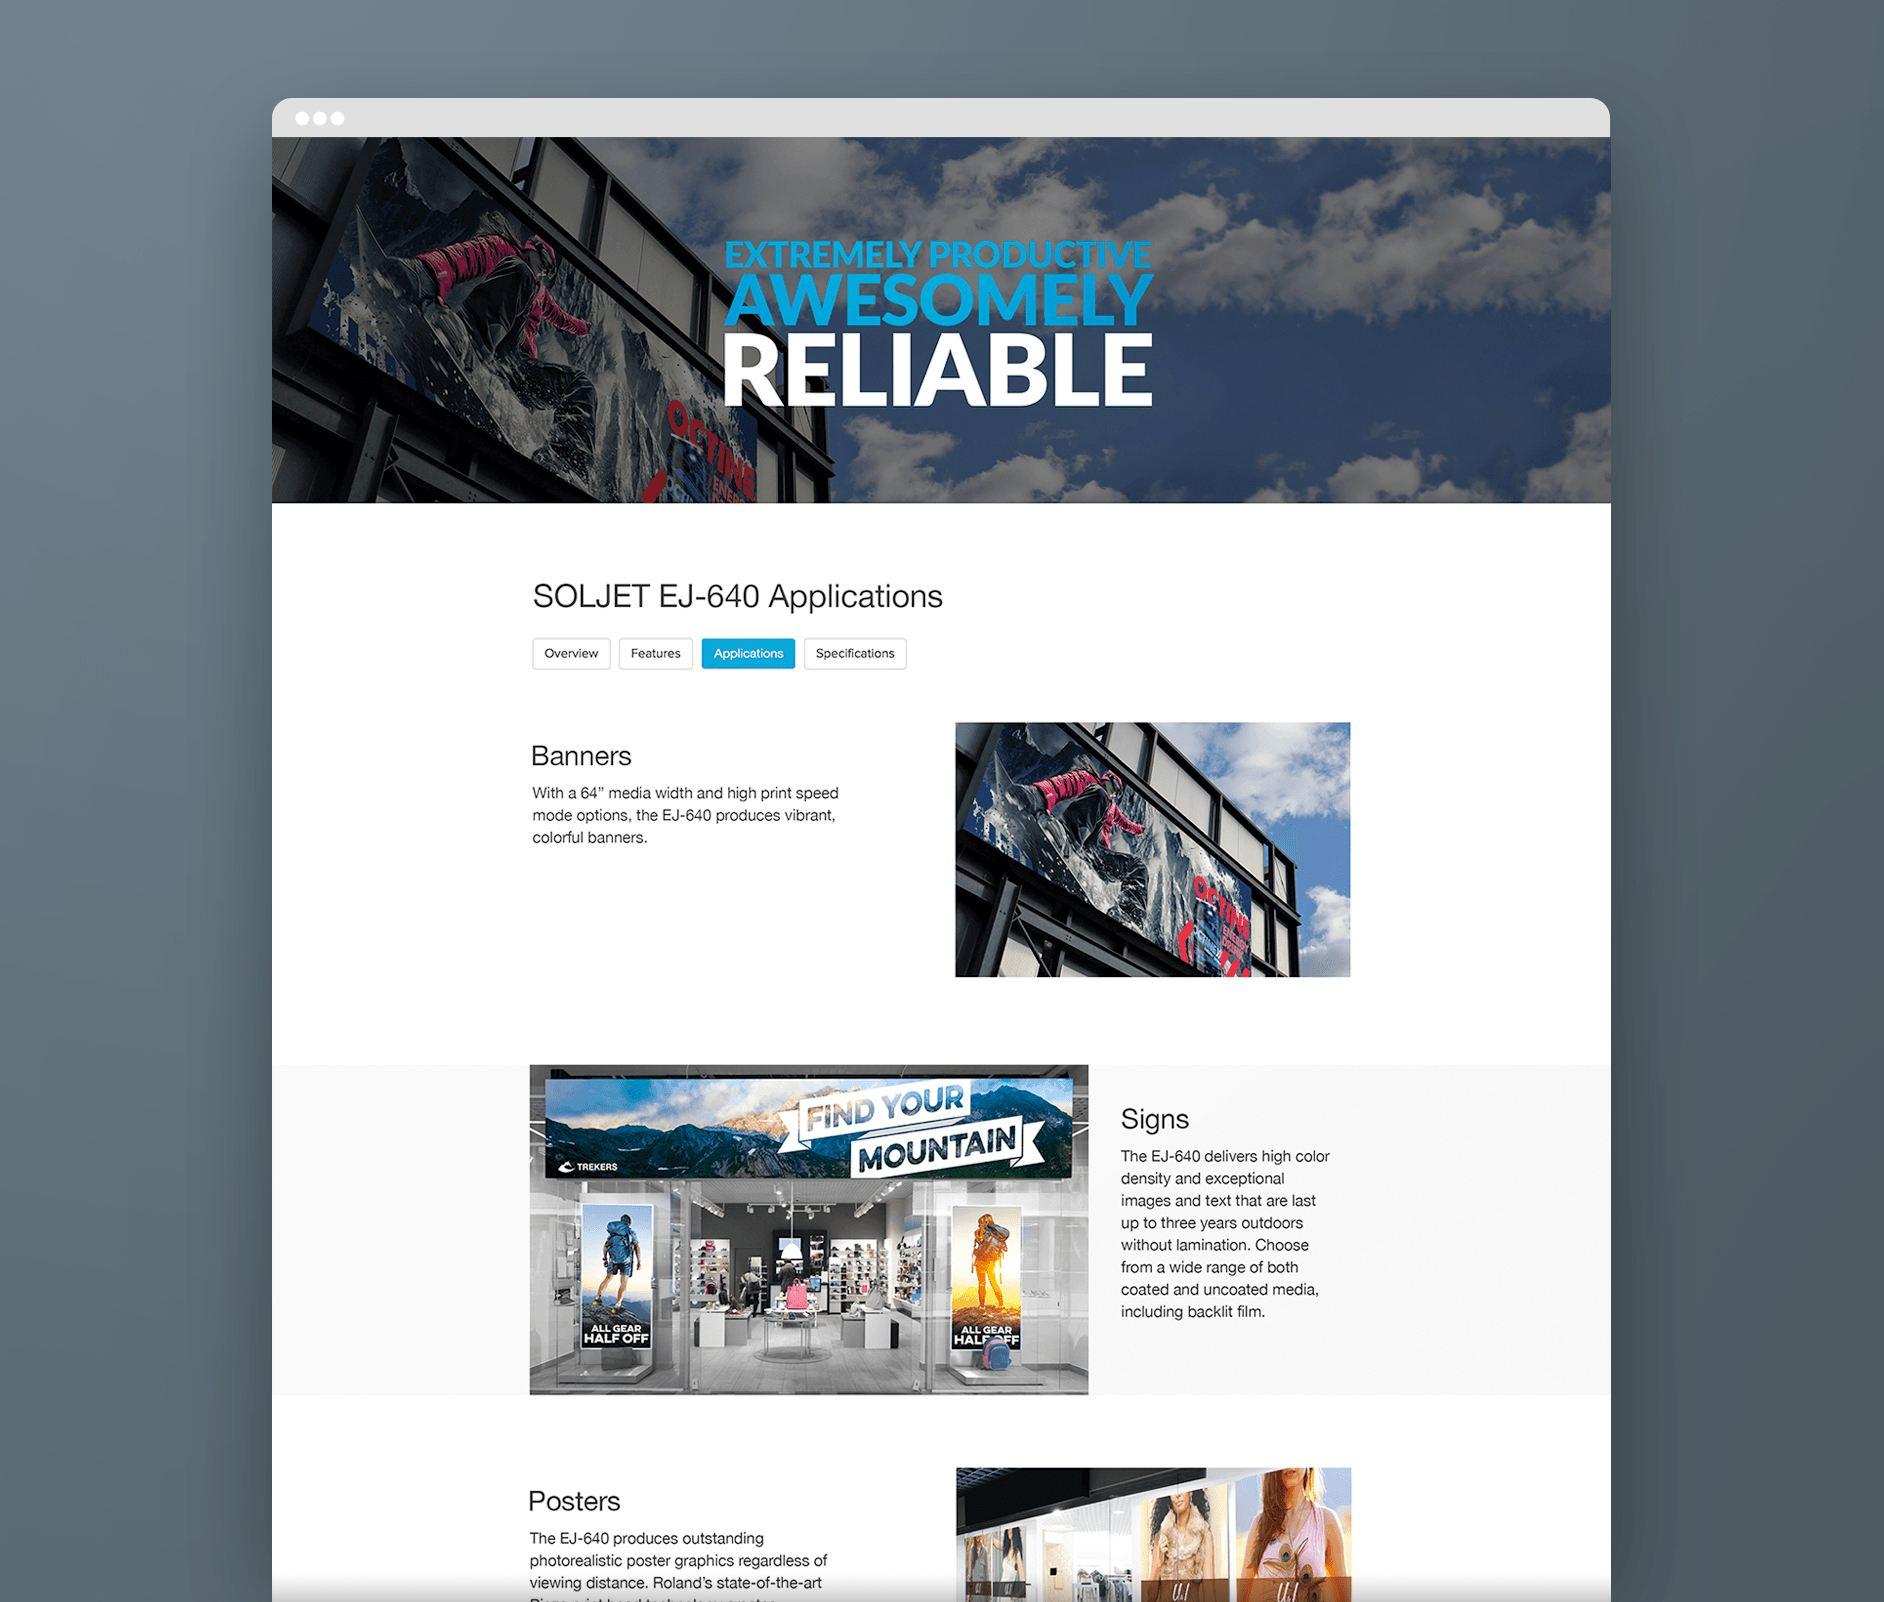 roland responsive website design mockup